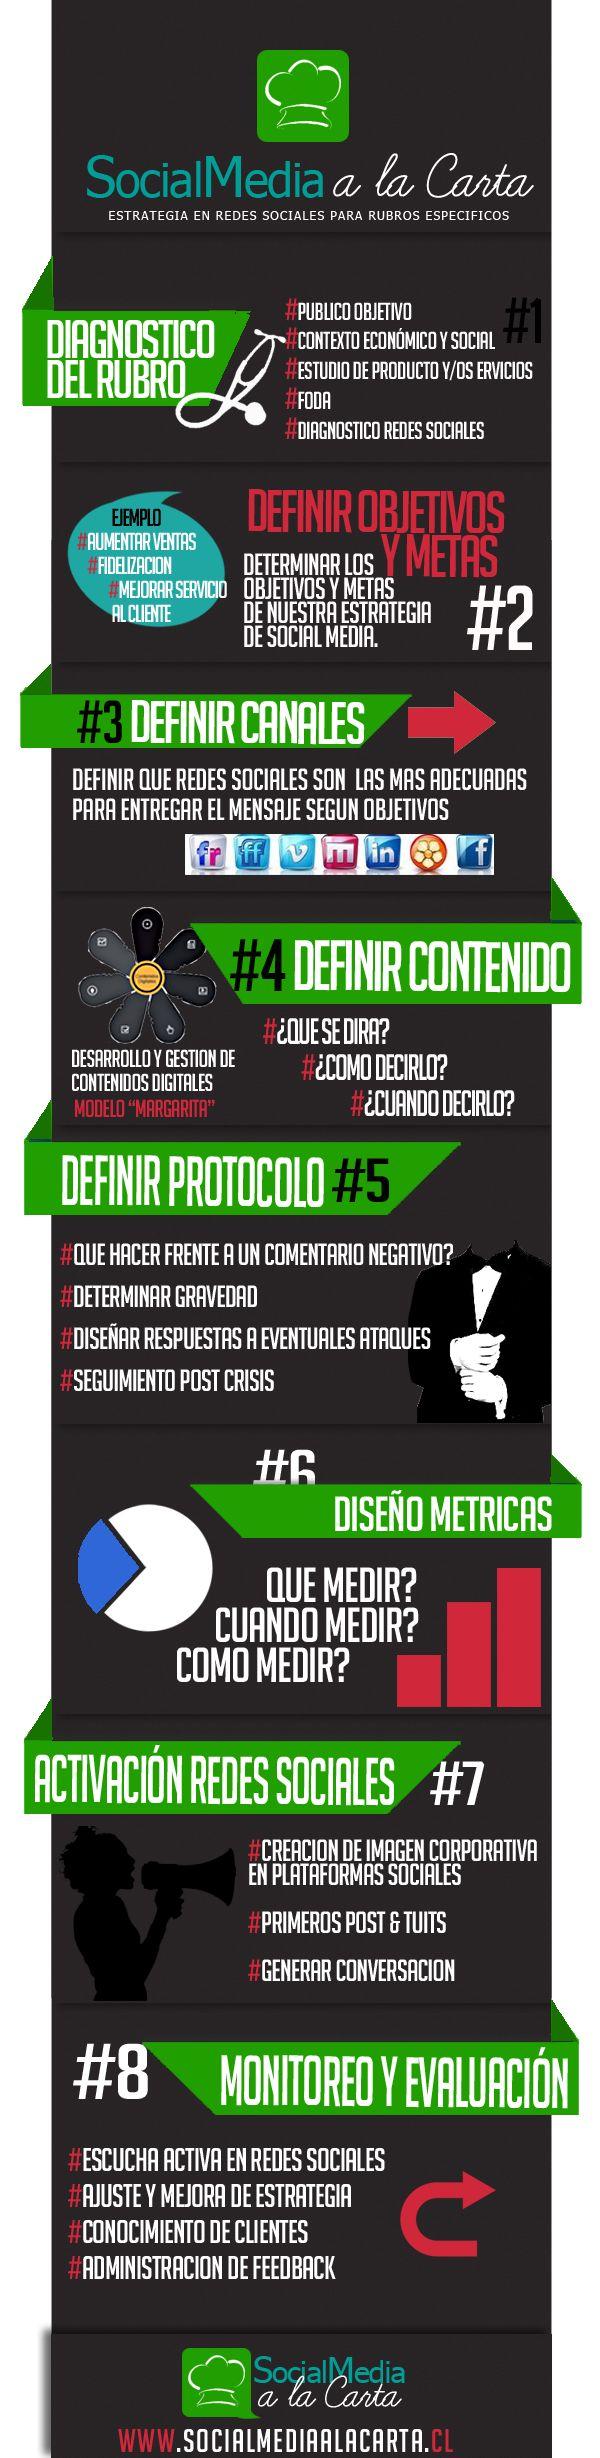 Social Media a la carta #infografia #infographic #socialmedia